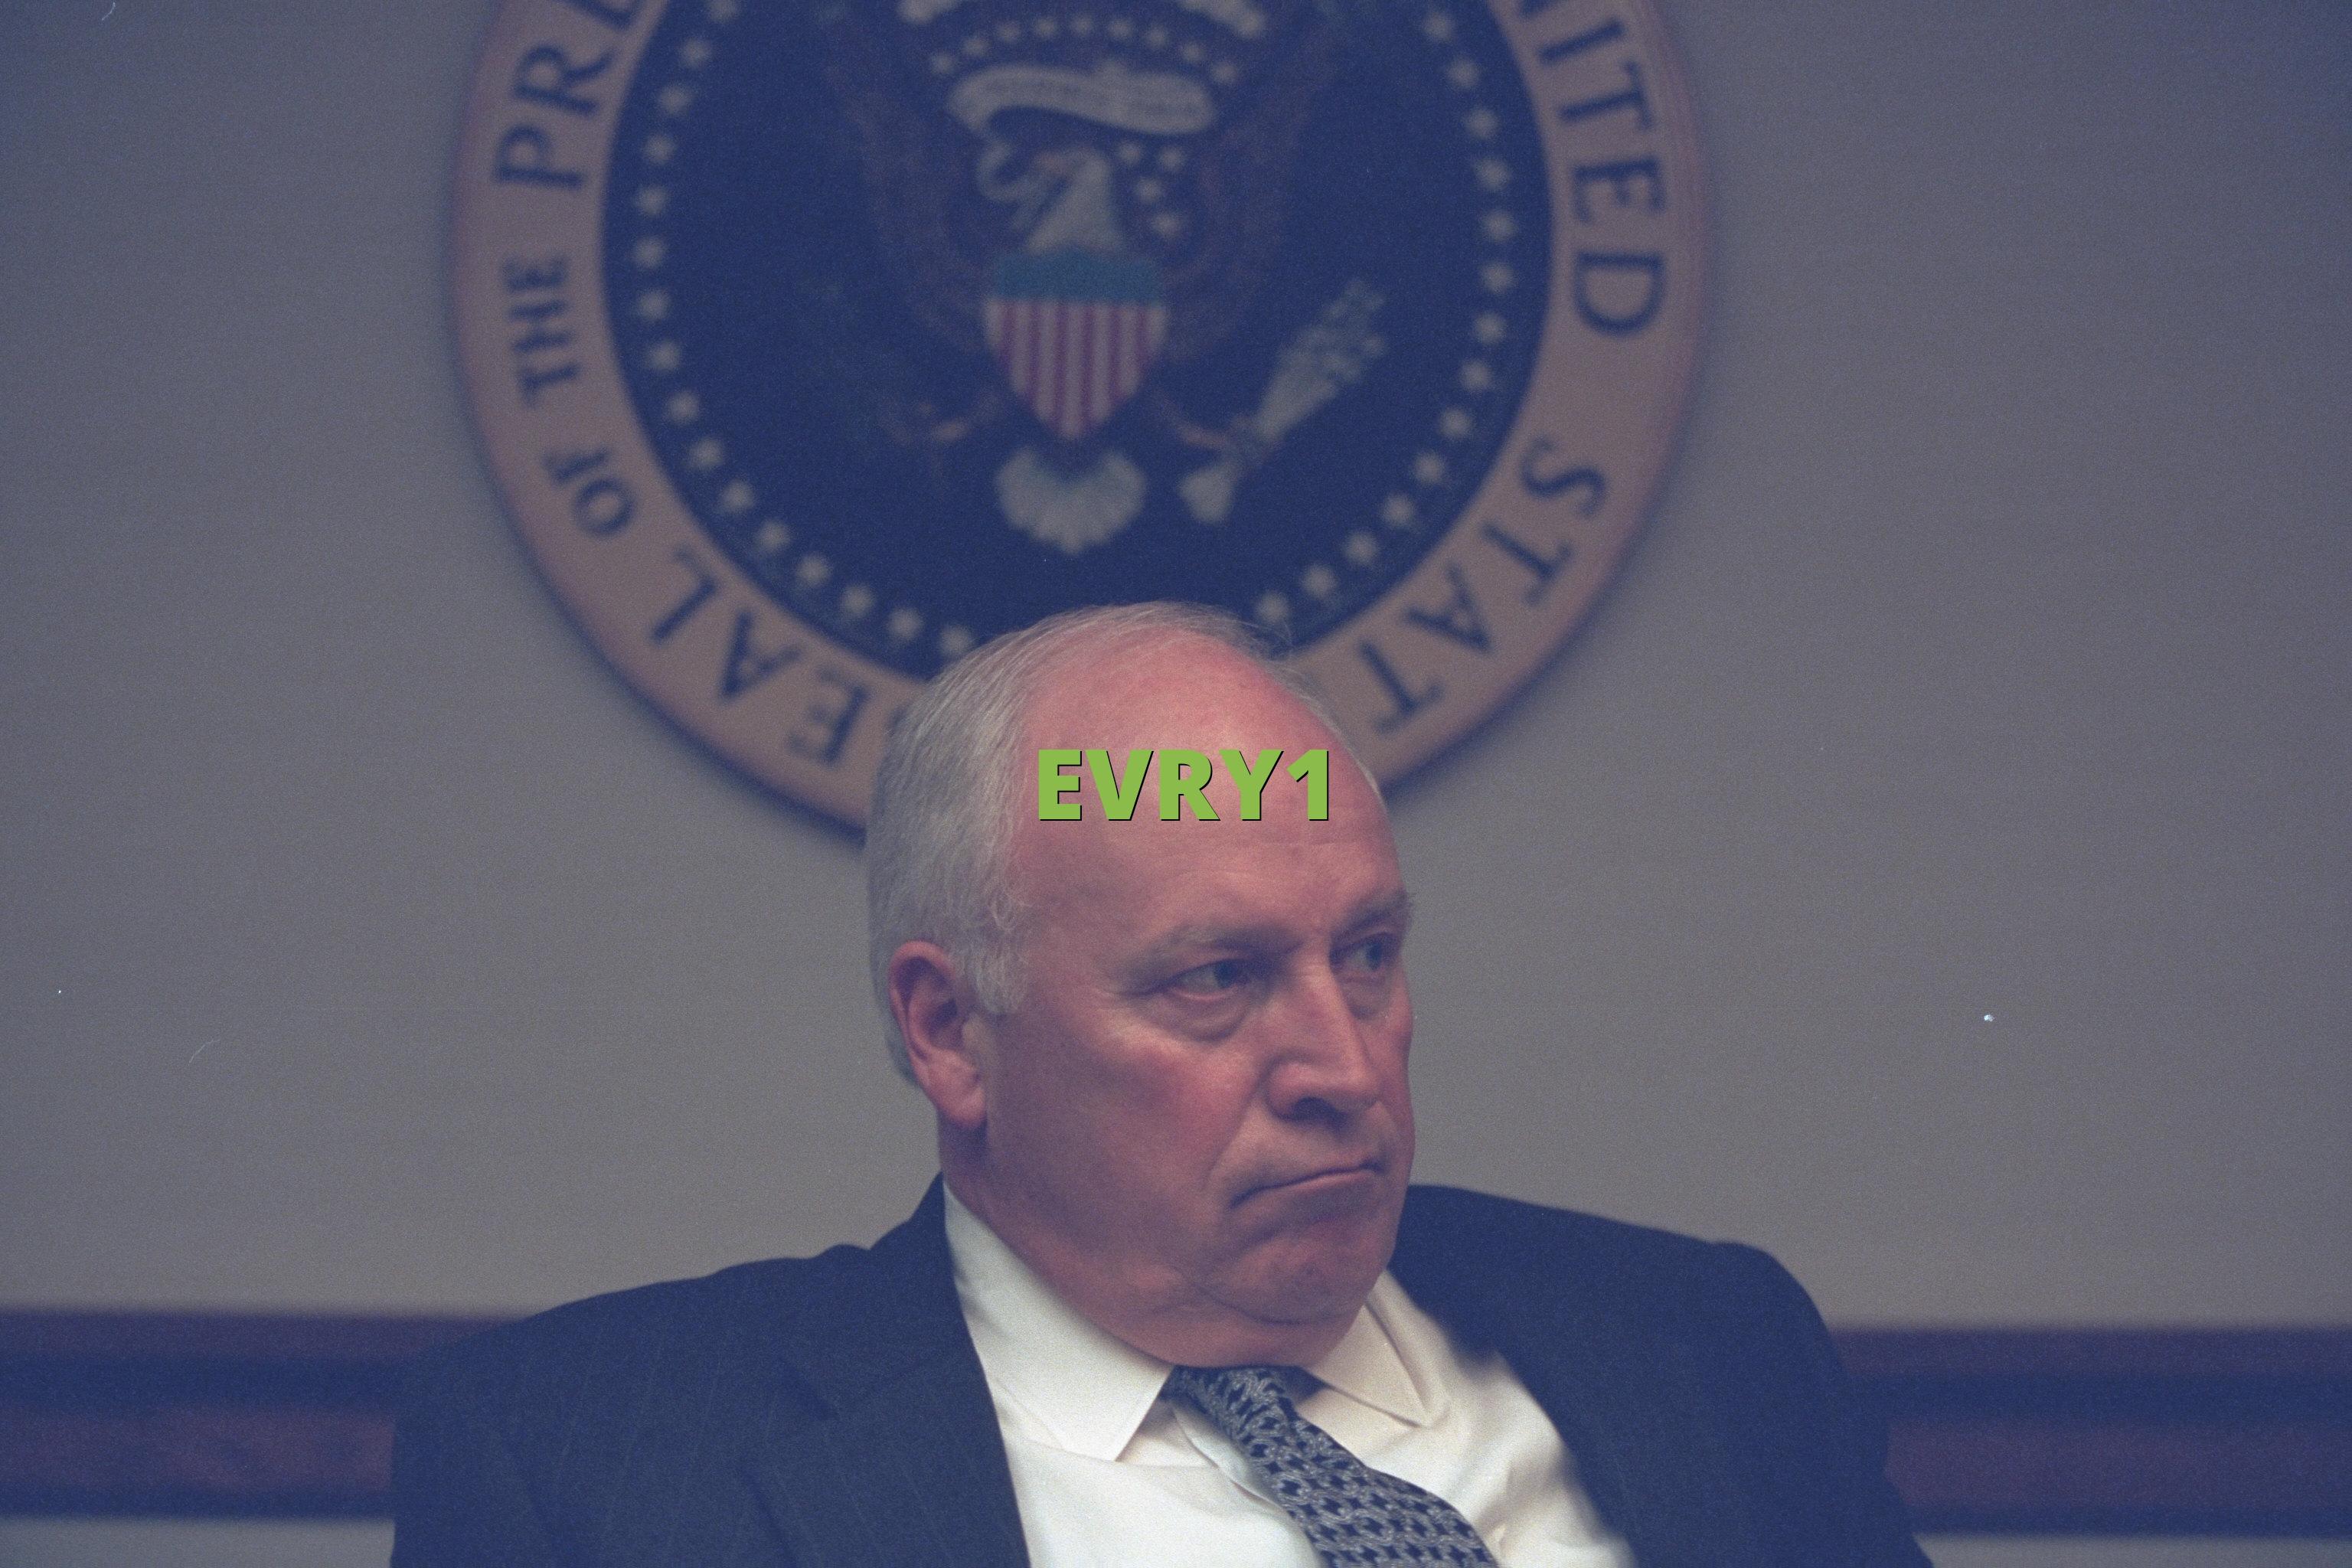 EVRY1